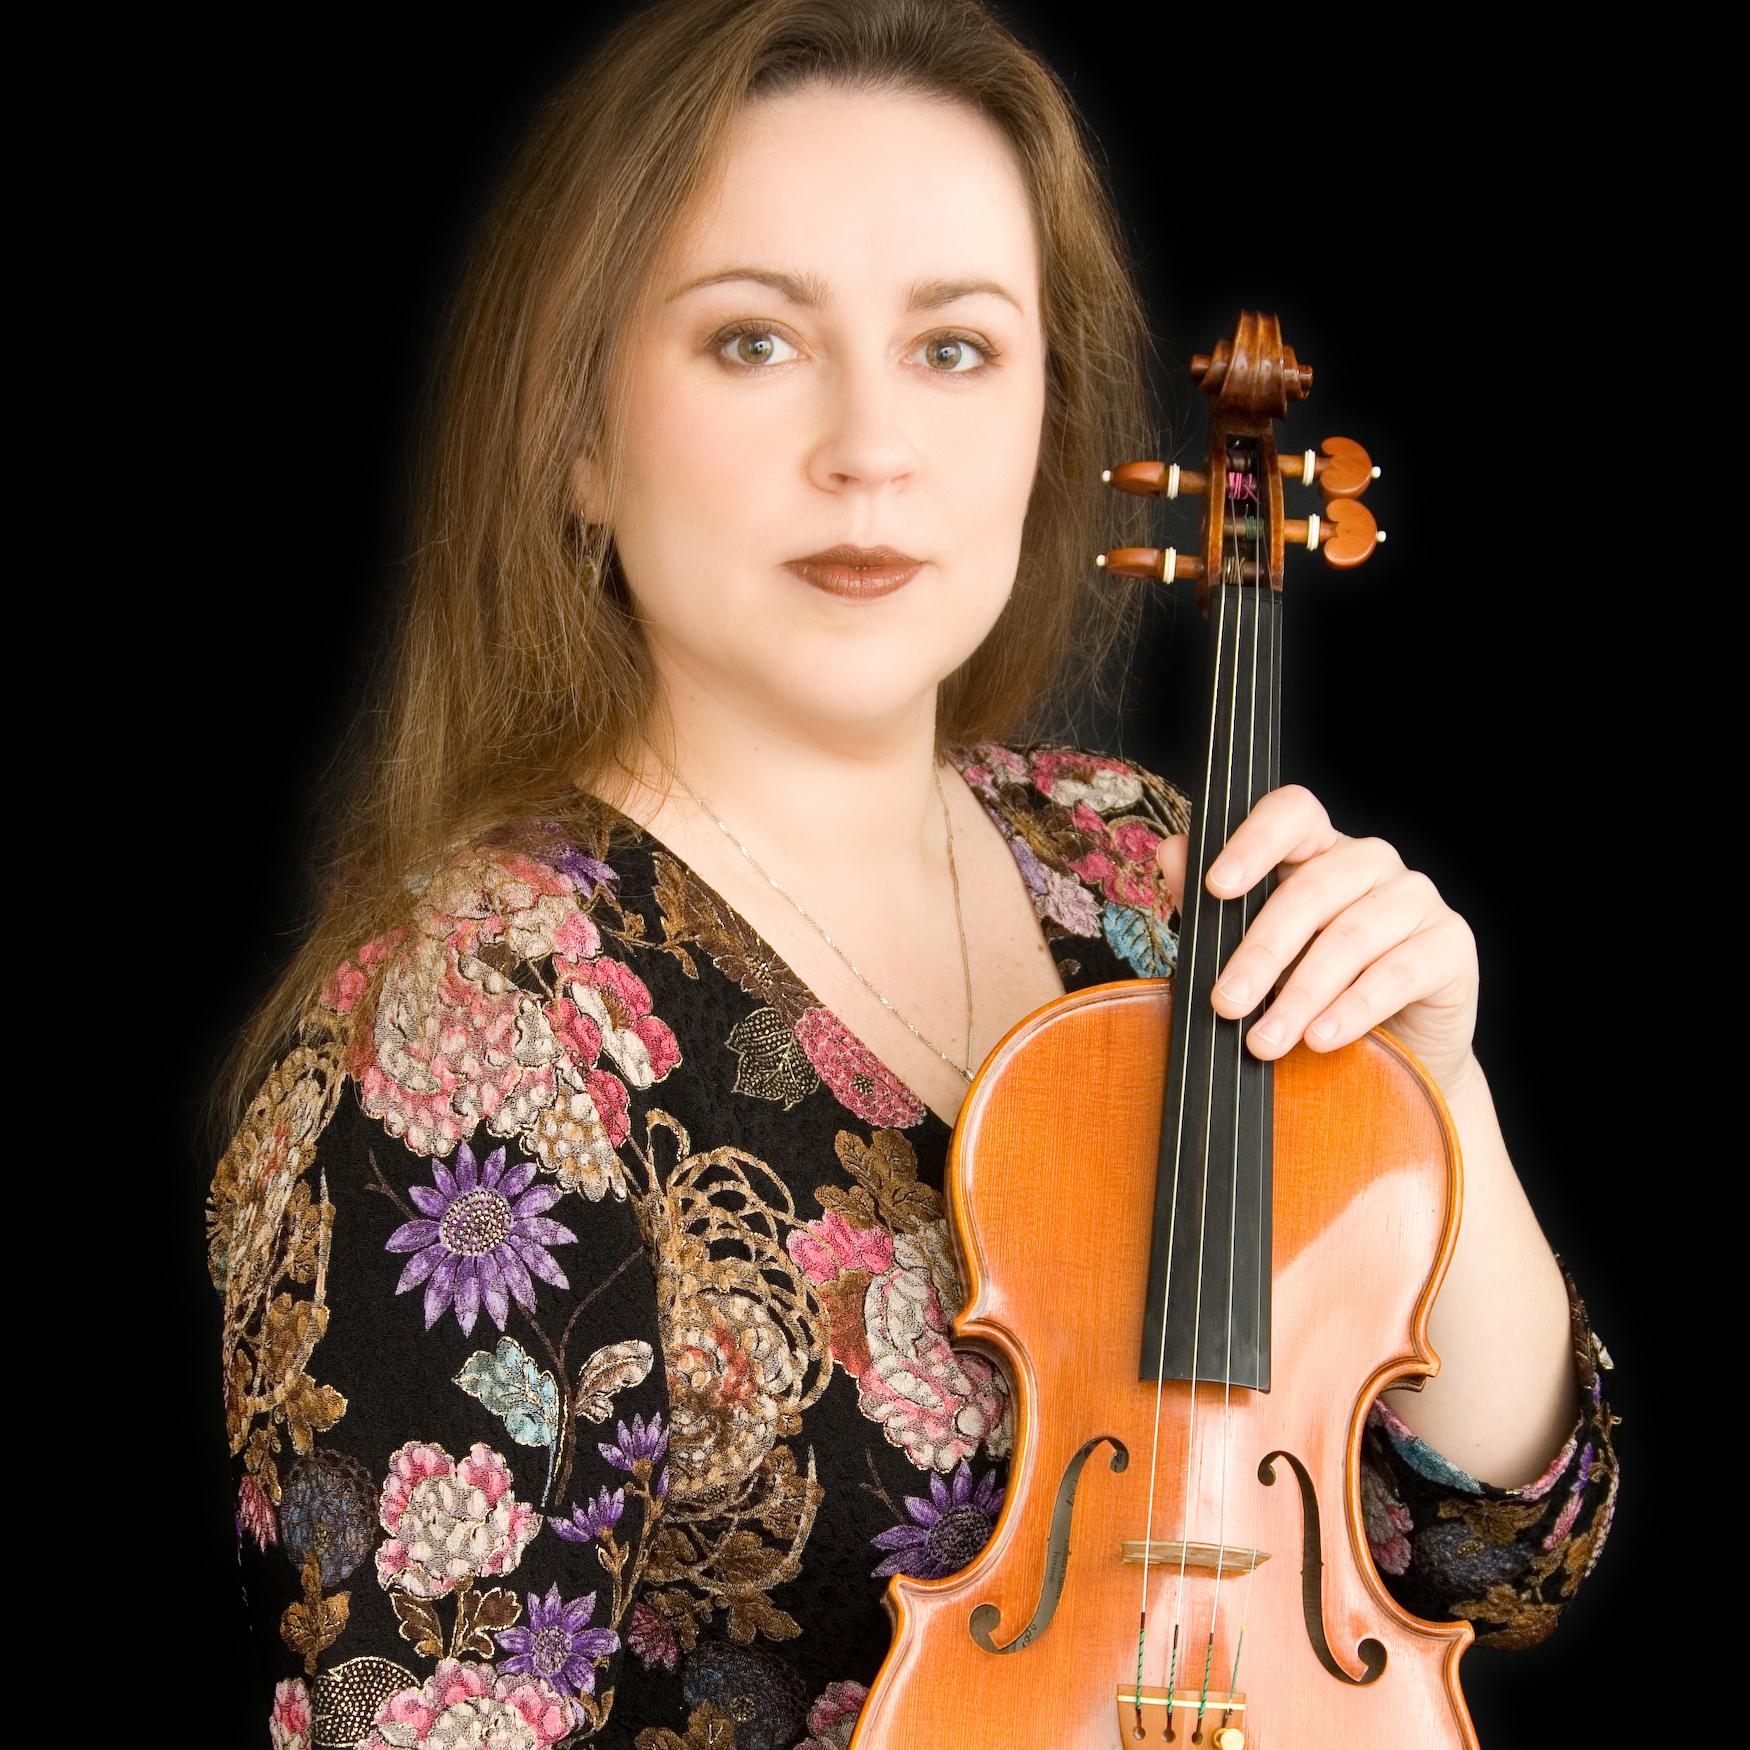 Limor Toren-Immerman, violin